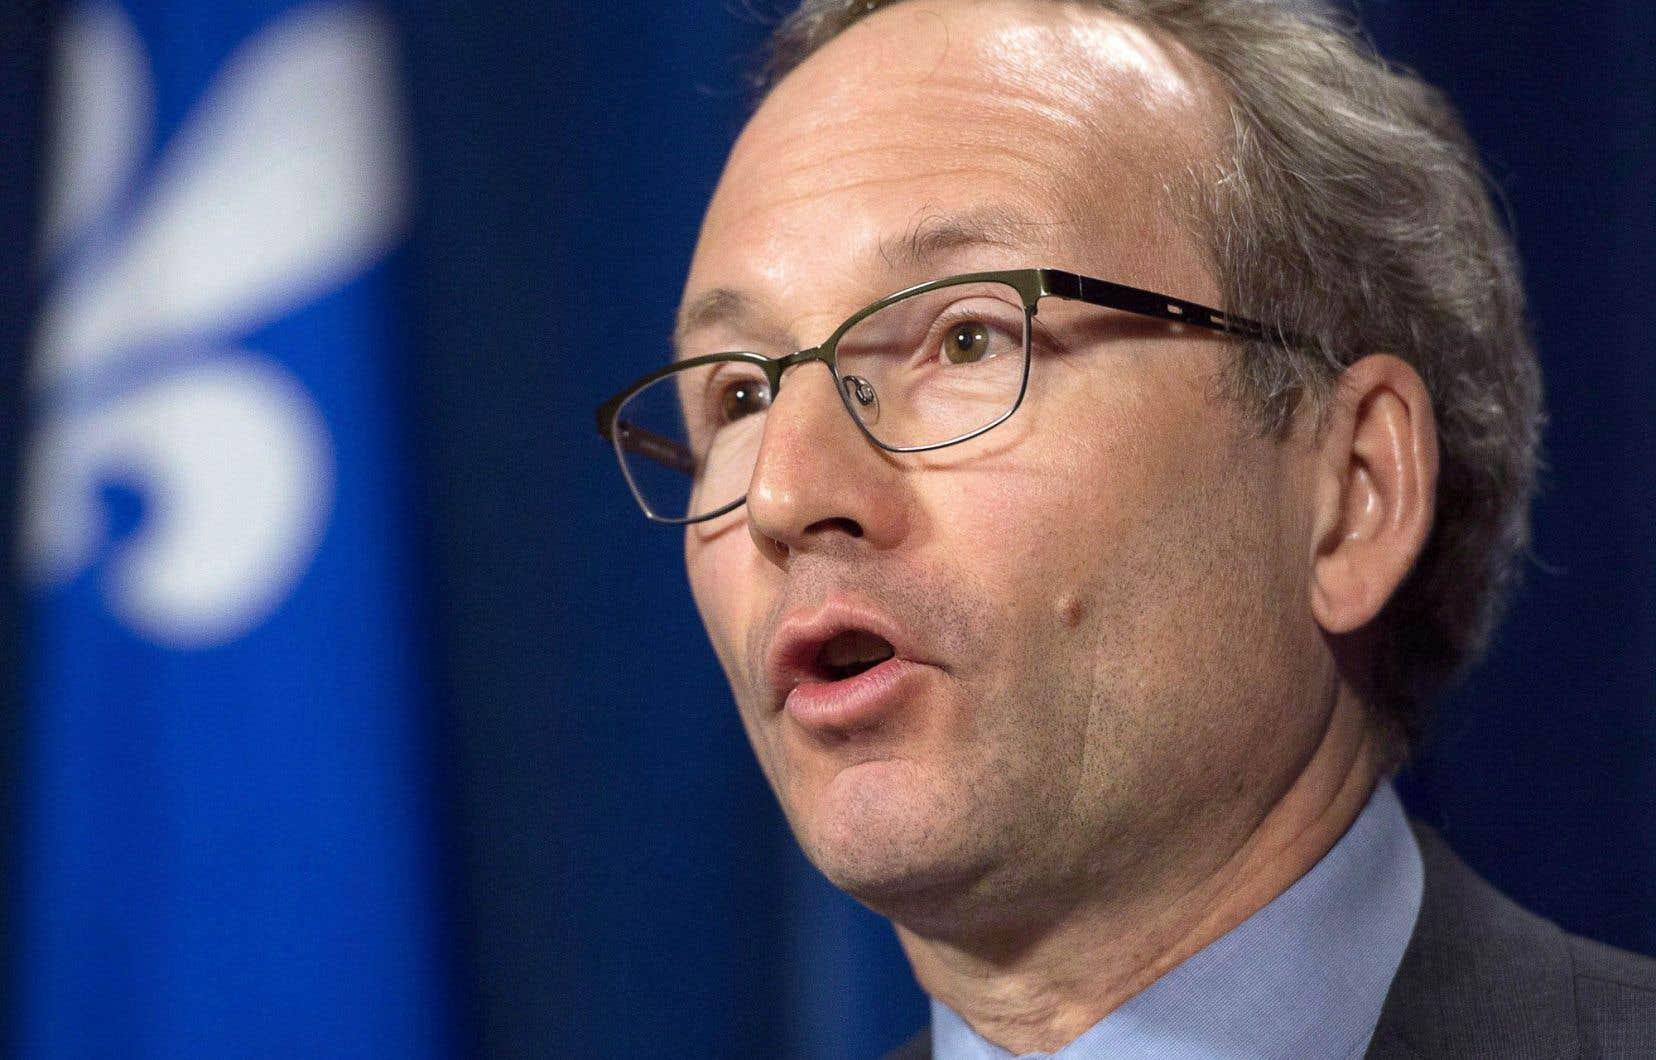 Le ministre des Affaires municipales, Martin Coiteux, assure qu'«il n'est pas question de remettre en cause les droits fondamentaux» en matière de relations de travail au municipal.